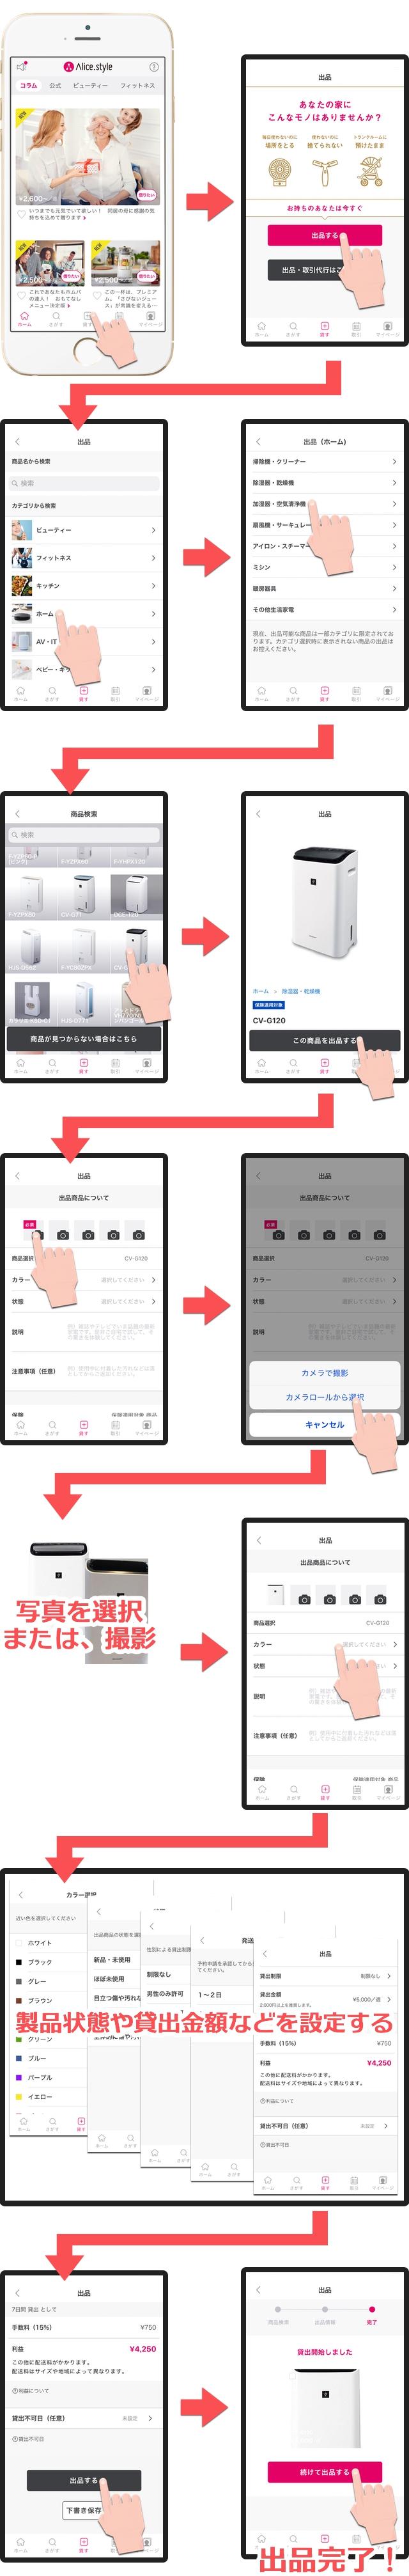 レンタル出品方法・Alice.style(アリススタイル)アプリ